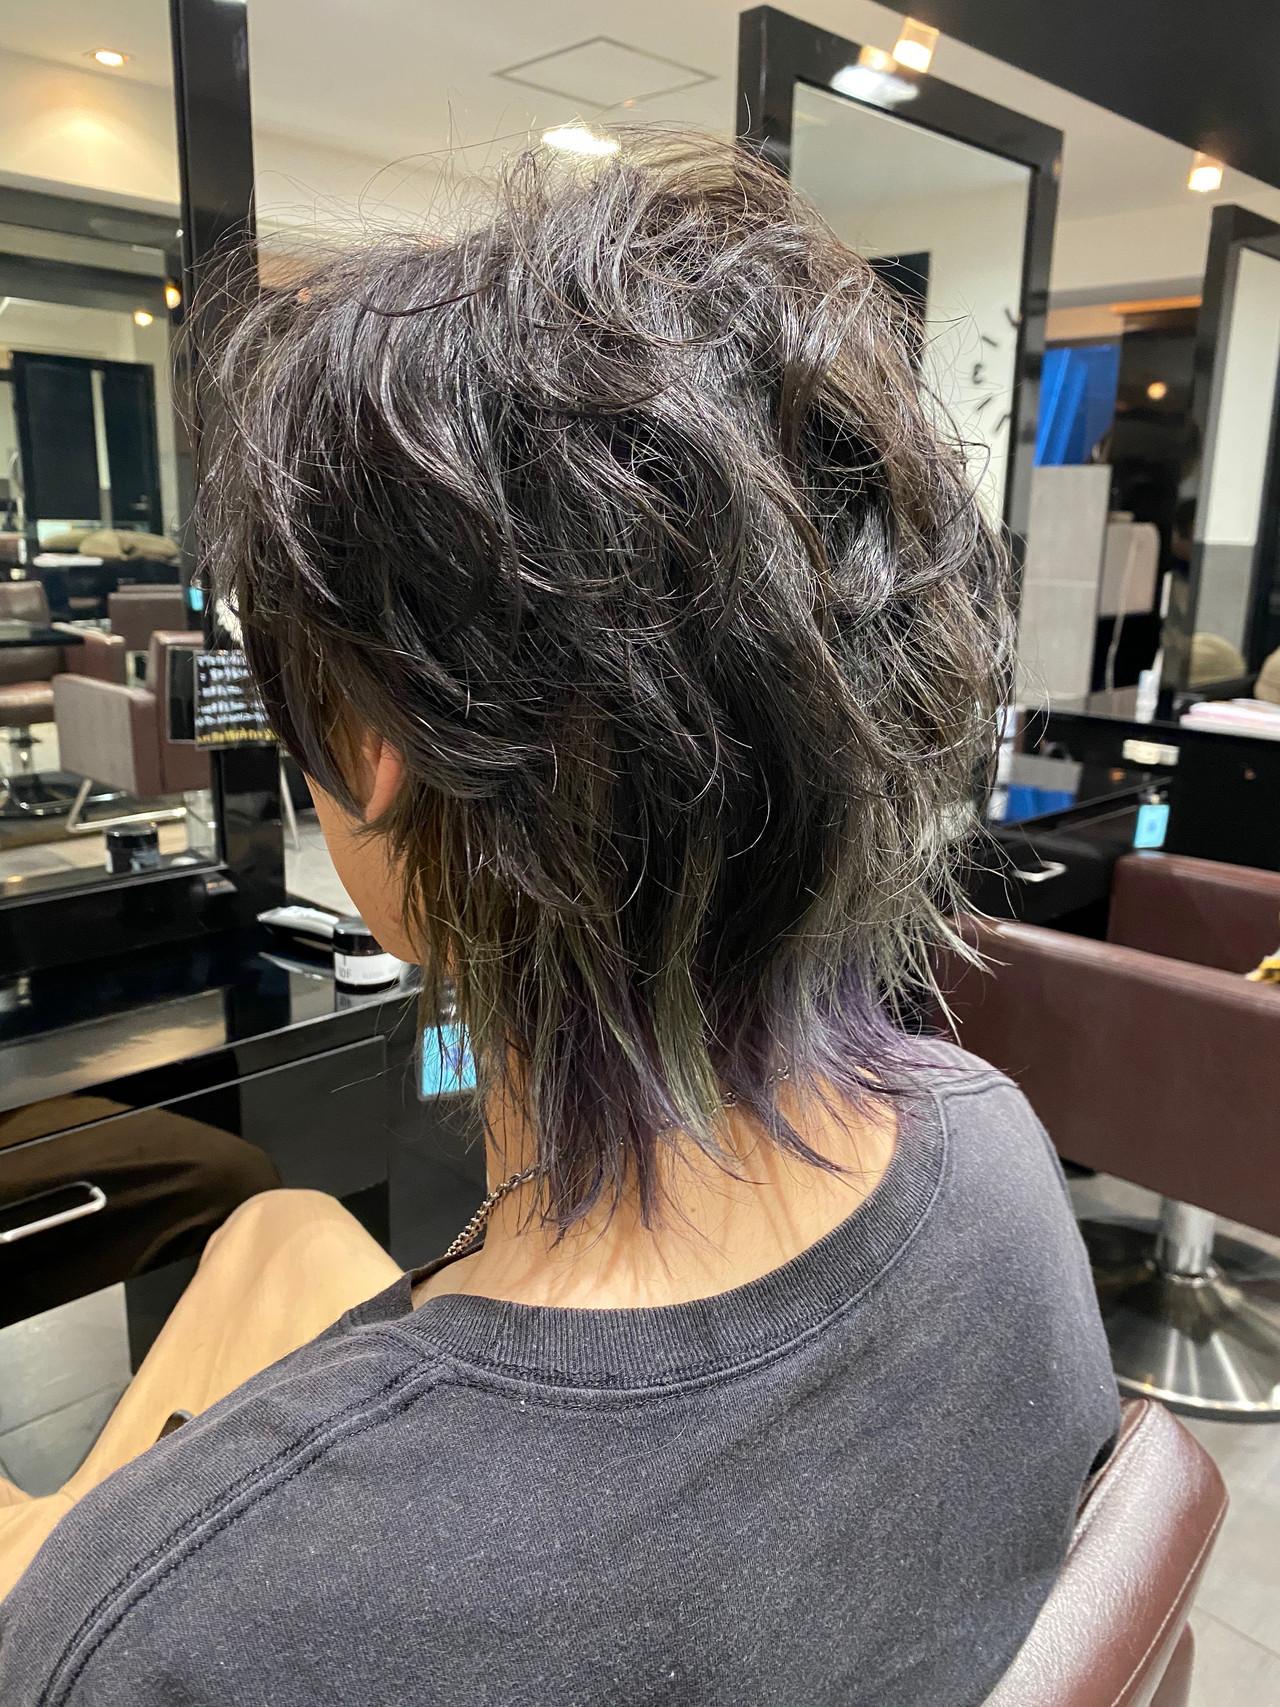 メンズ メンズカット マッシュウルフ モード ヘアスタイルや髪型の写真・画像